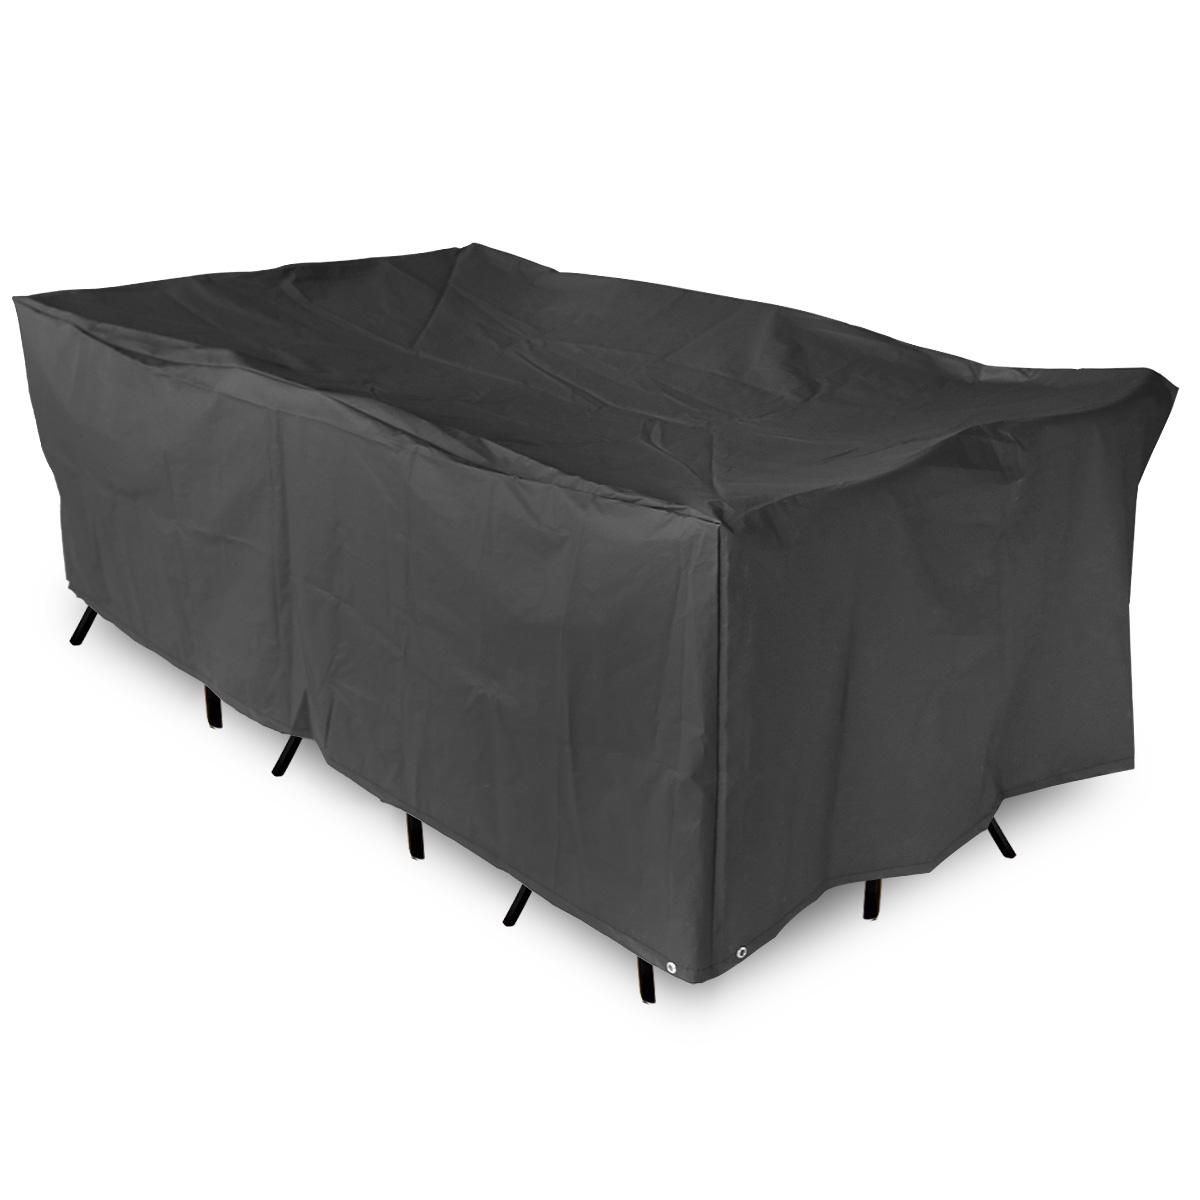 Gartenmobel Lounge Couch : SCHUTZHÜLLE für Gartenmöbel ABDECKUNG Abdeckplane Abdeckhaube